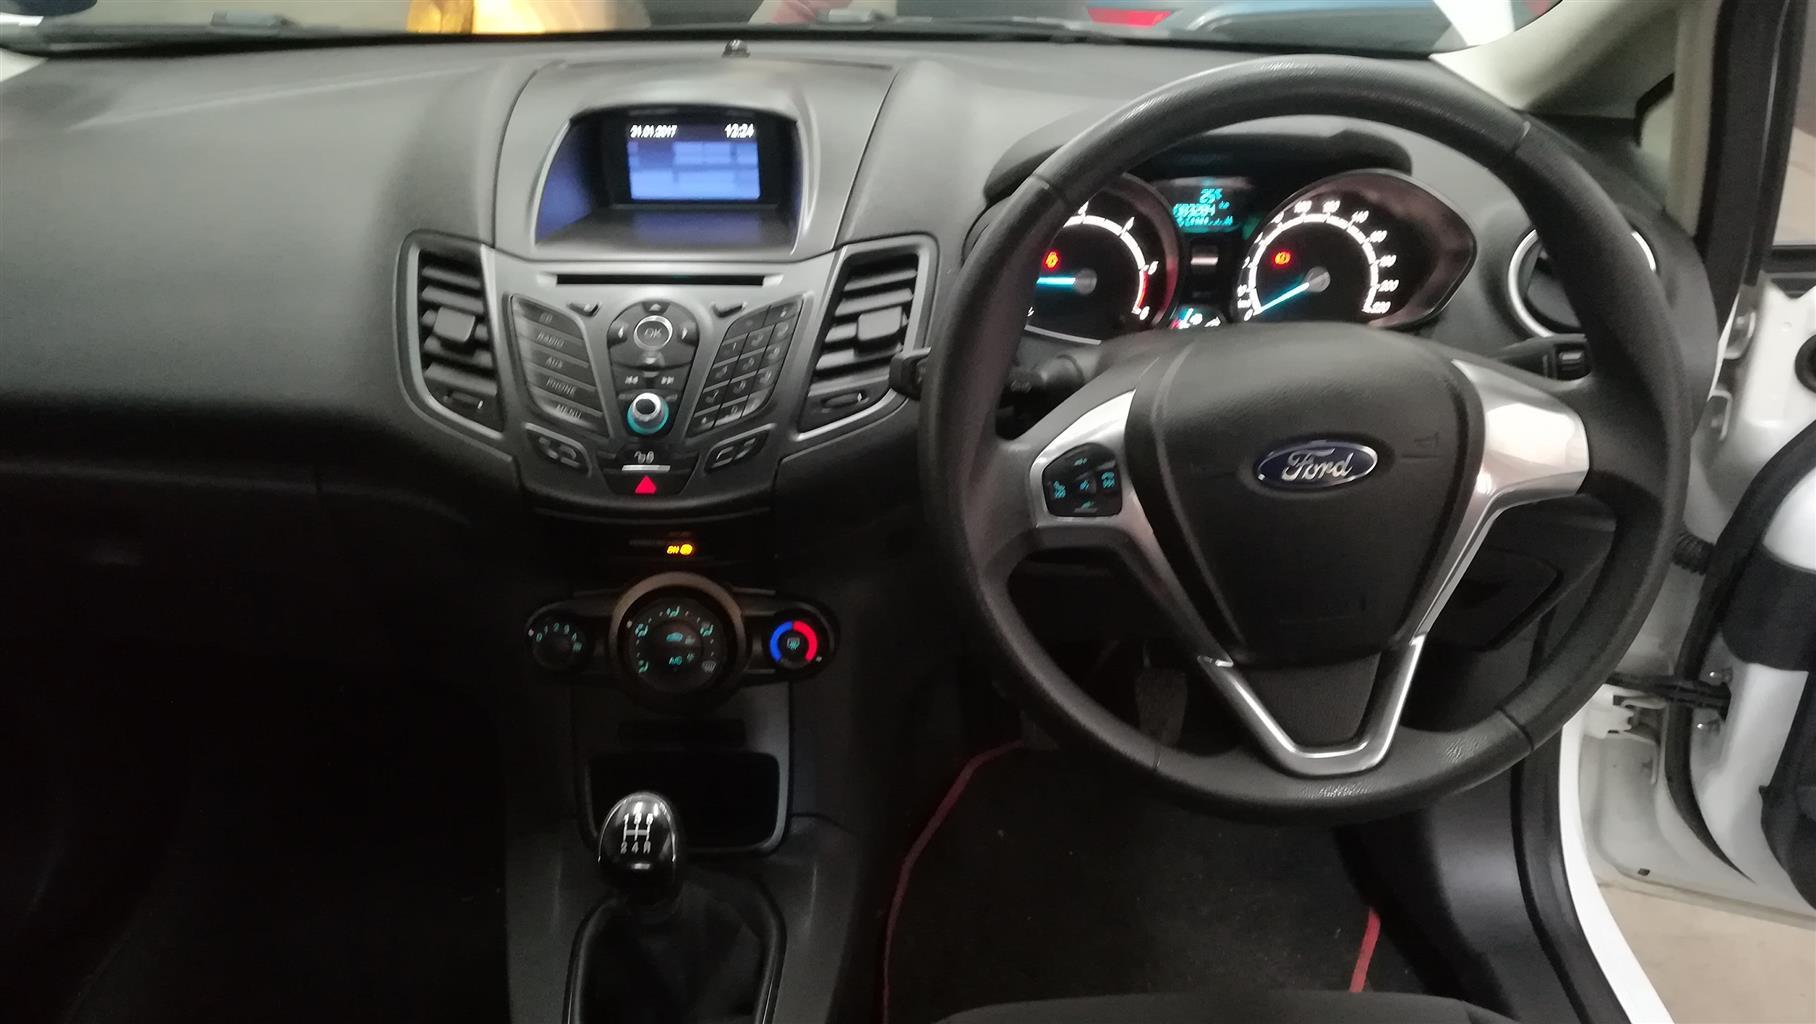 2017 Ford Fiesta 5 door 1.5TDCi Trend